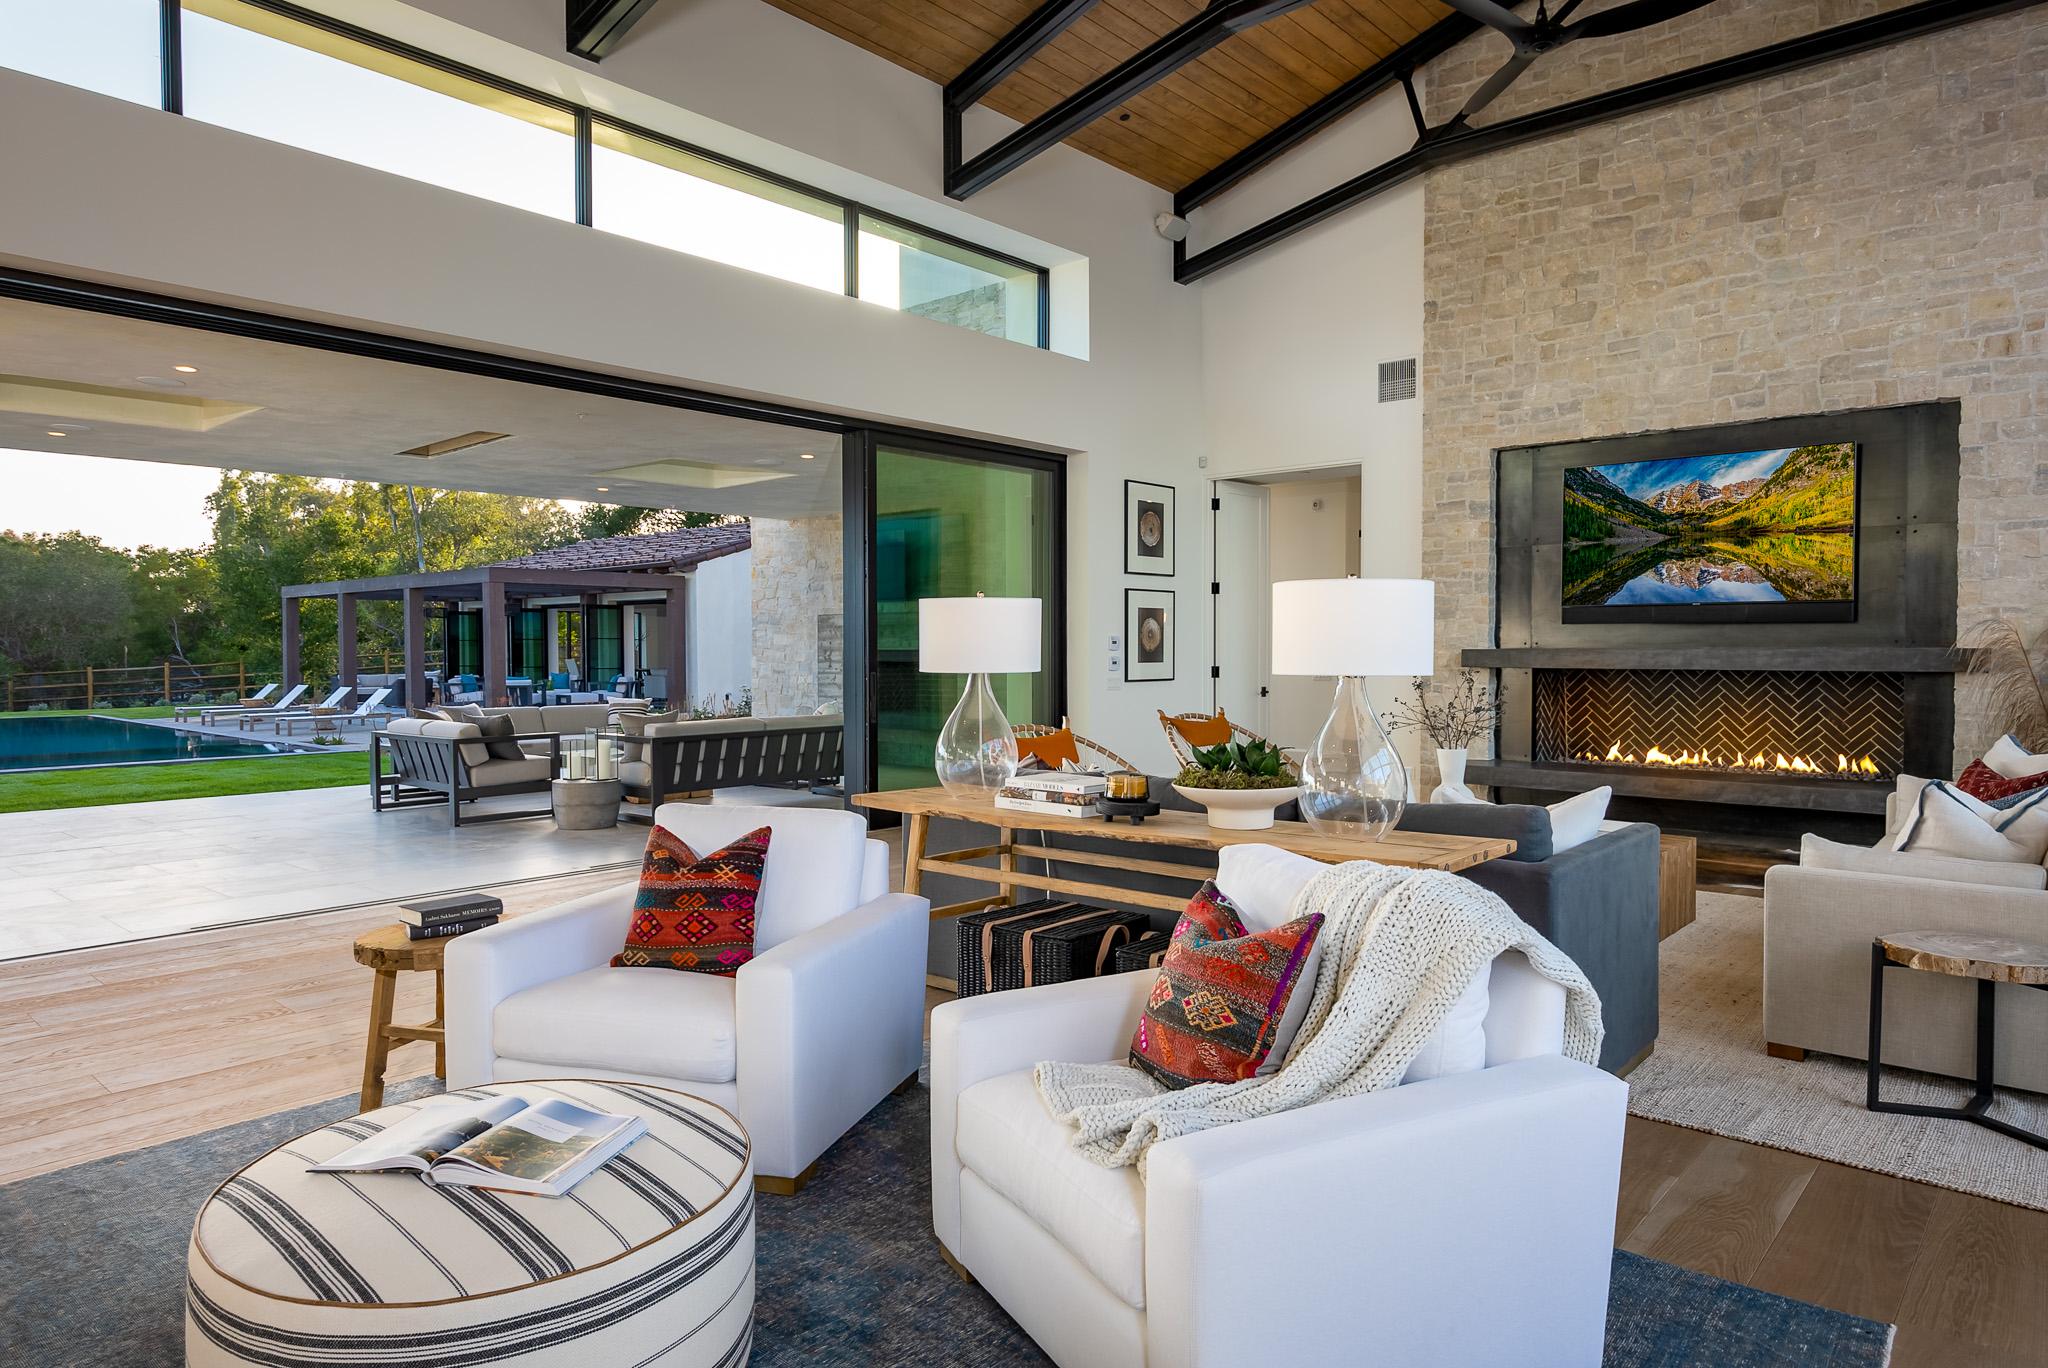 16836 El Zorro Vista -  Rancho Santa Fe, CA 92067